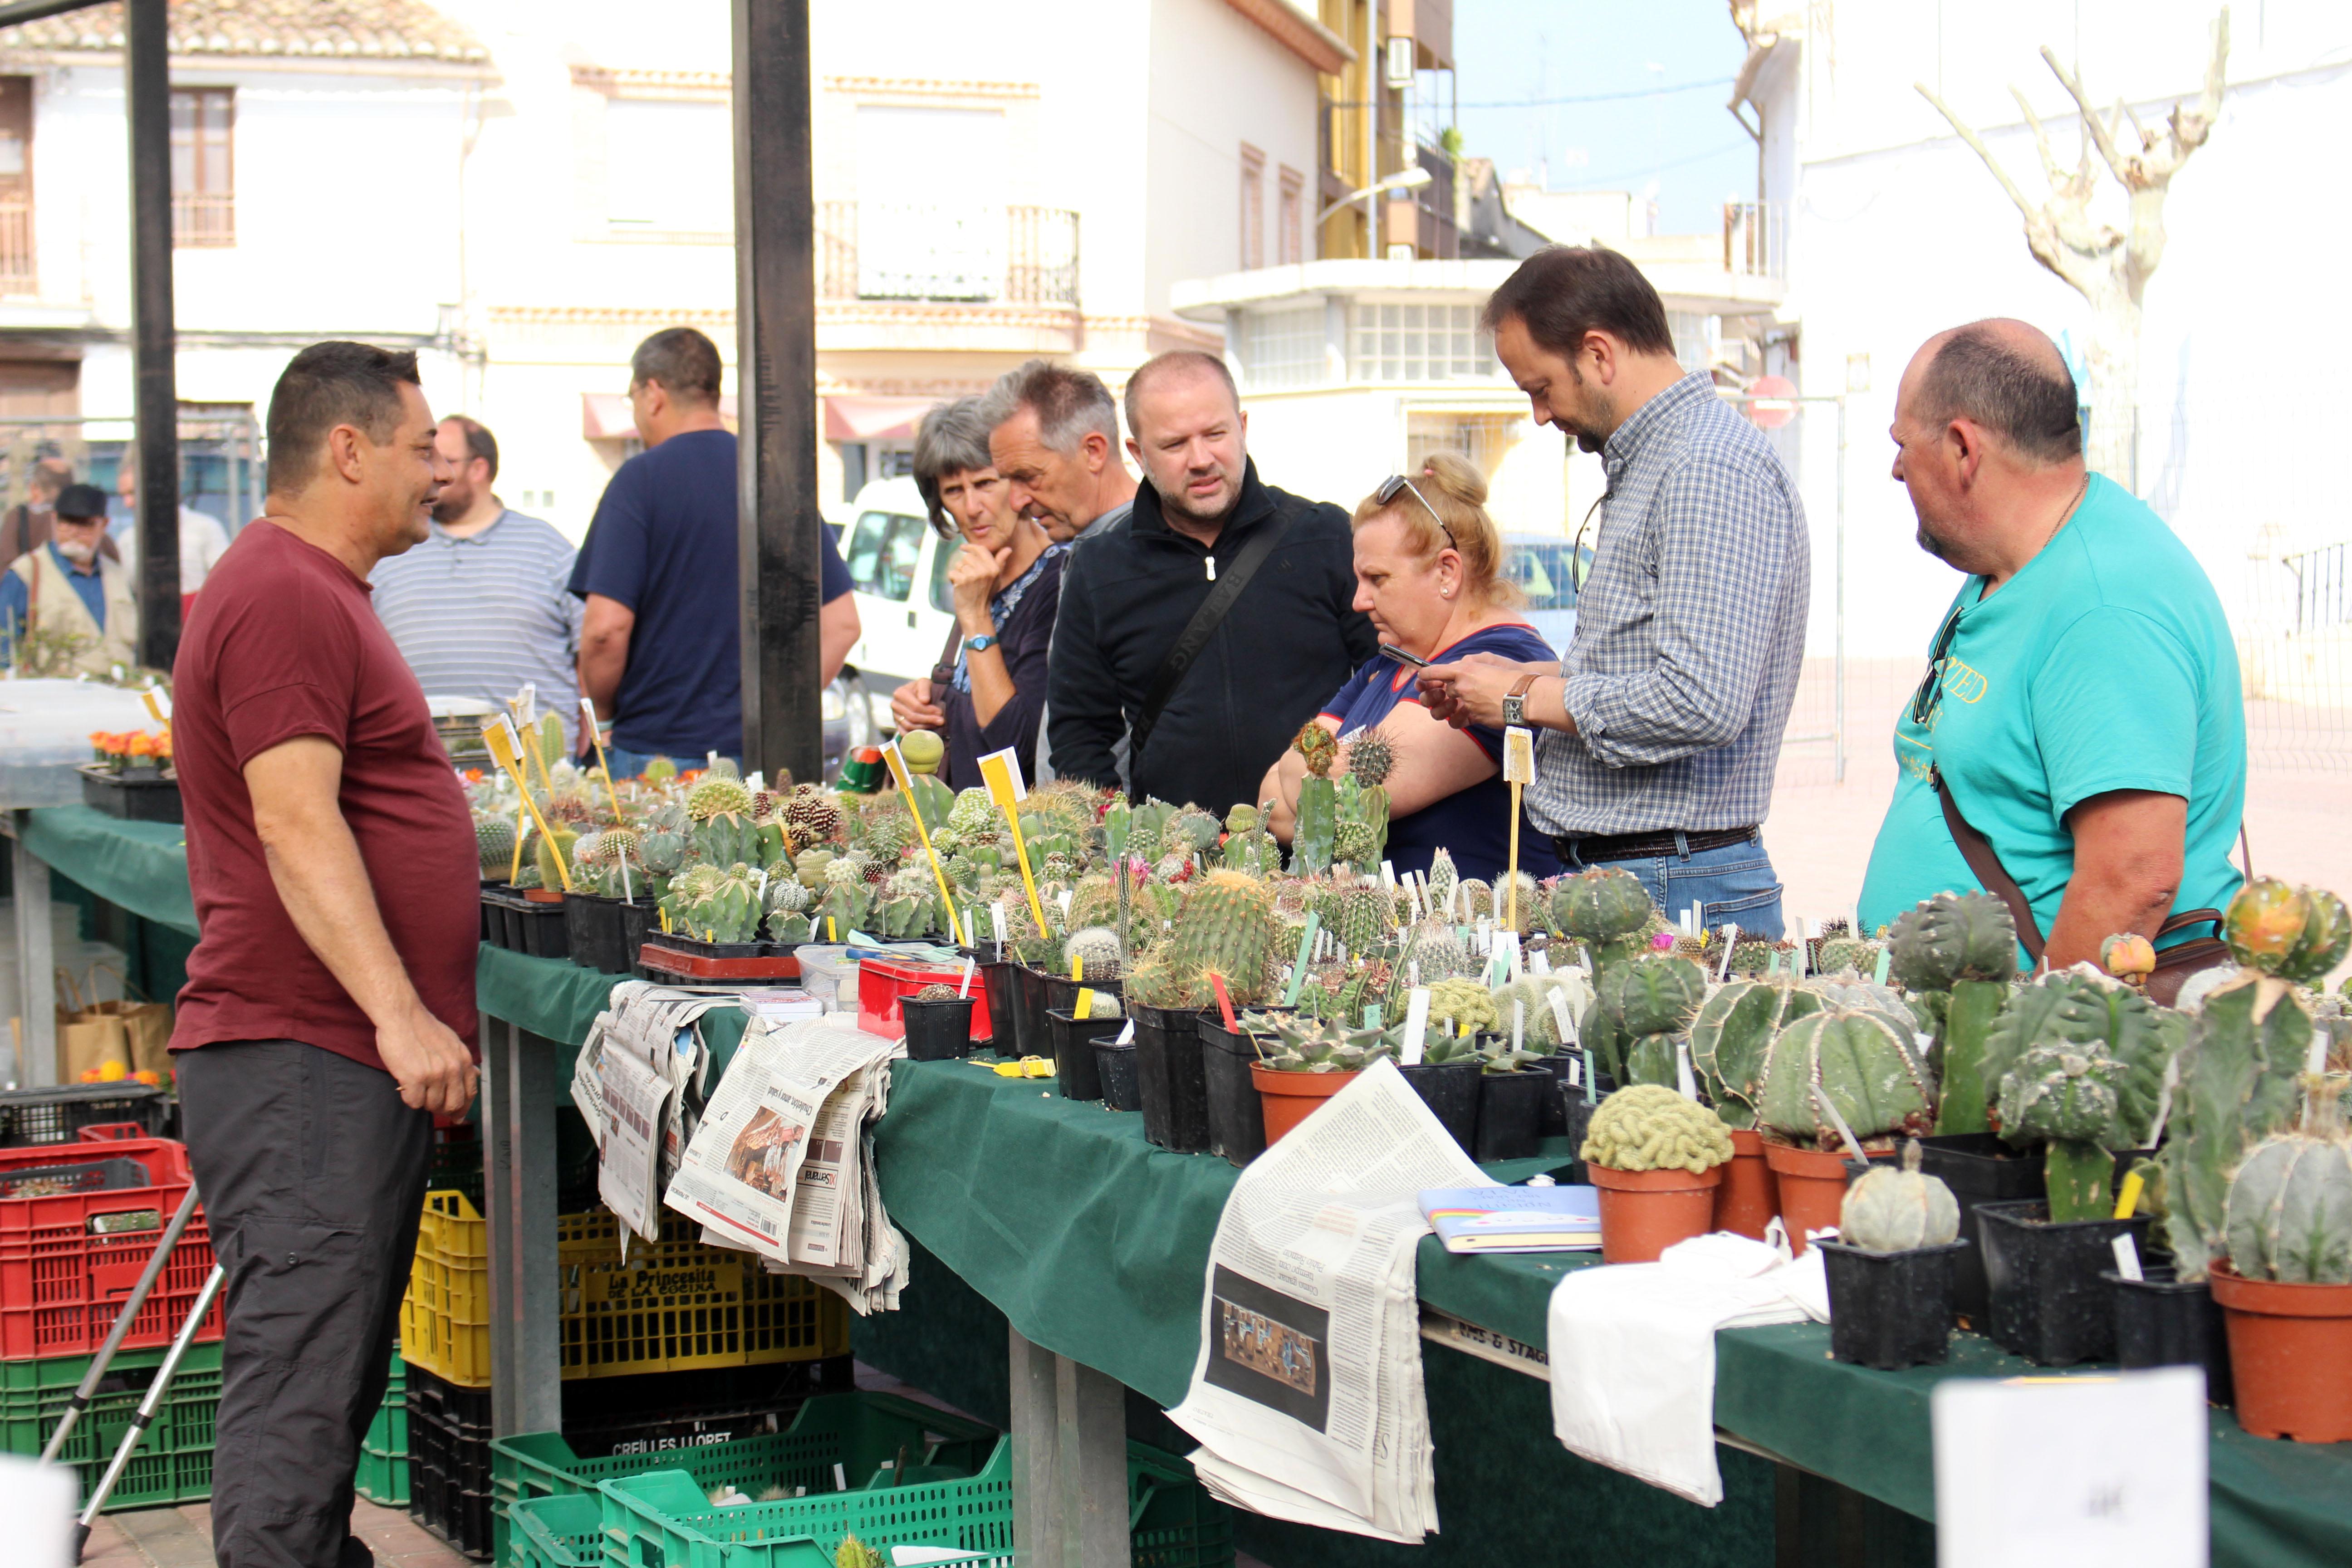 El Congreso Internacional de Cactus y Suculentas de Cheste ya está consolidado como uno de los más atractivos.